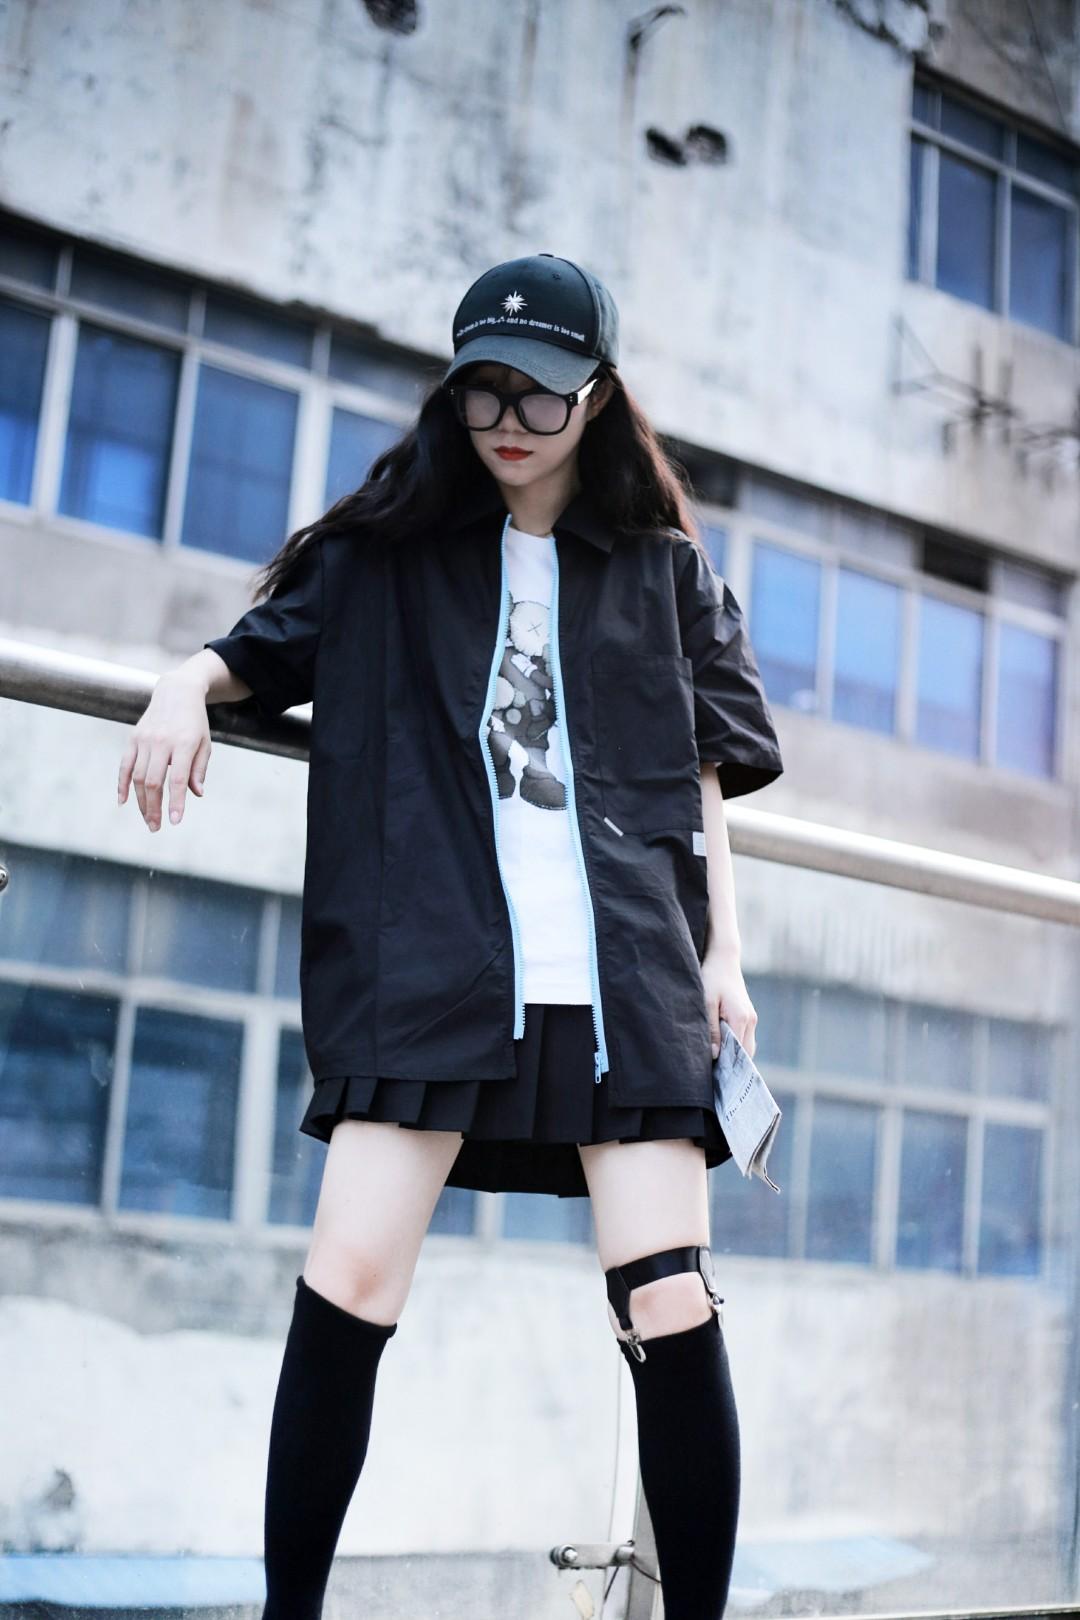 #小个子如何穿出大长腿?#  ✨🐖大长腿即视感嘻嘻 酷酷的风格 小个子也可以驾驭 黑色也很显瘦哦  搭配一个小黑裙 真是拉风